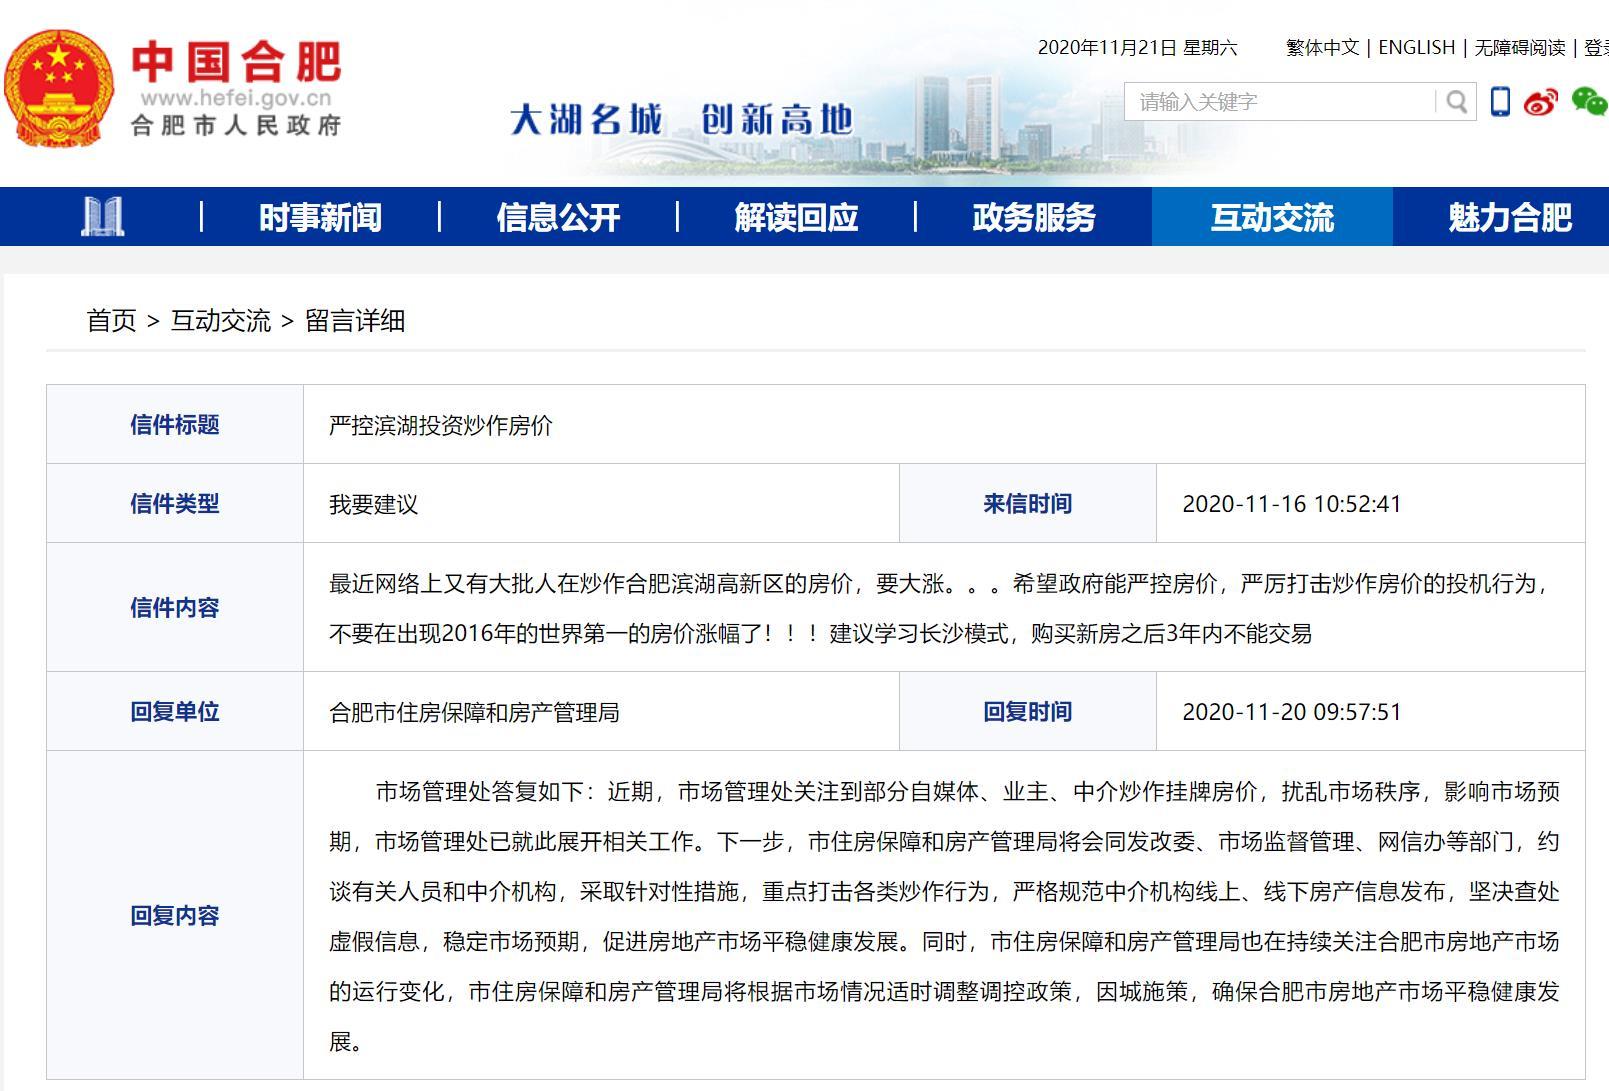 合肥市人民政府网站截图